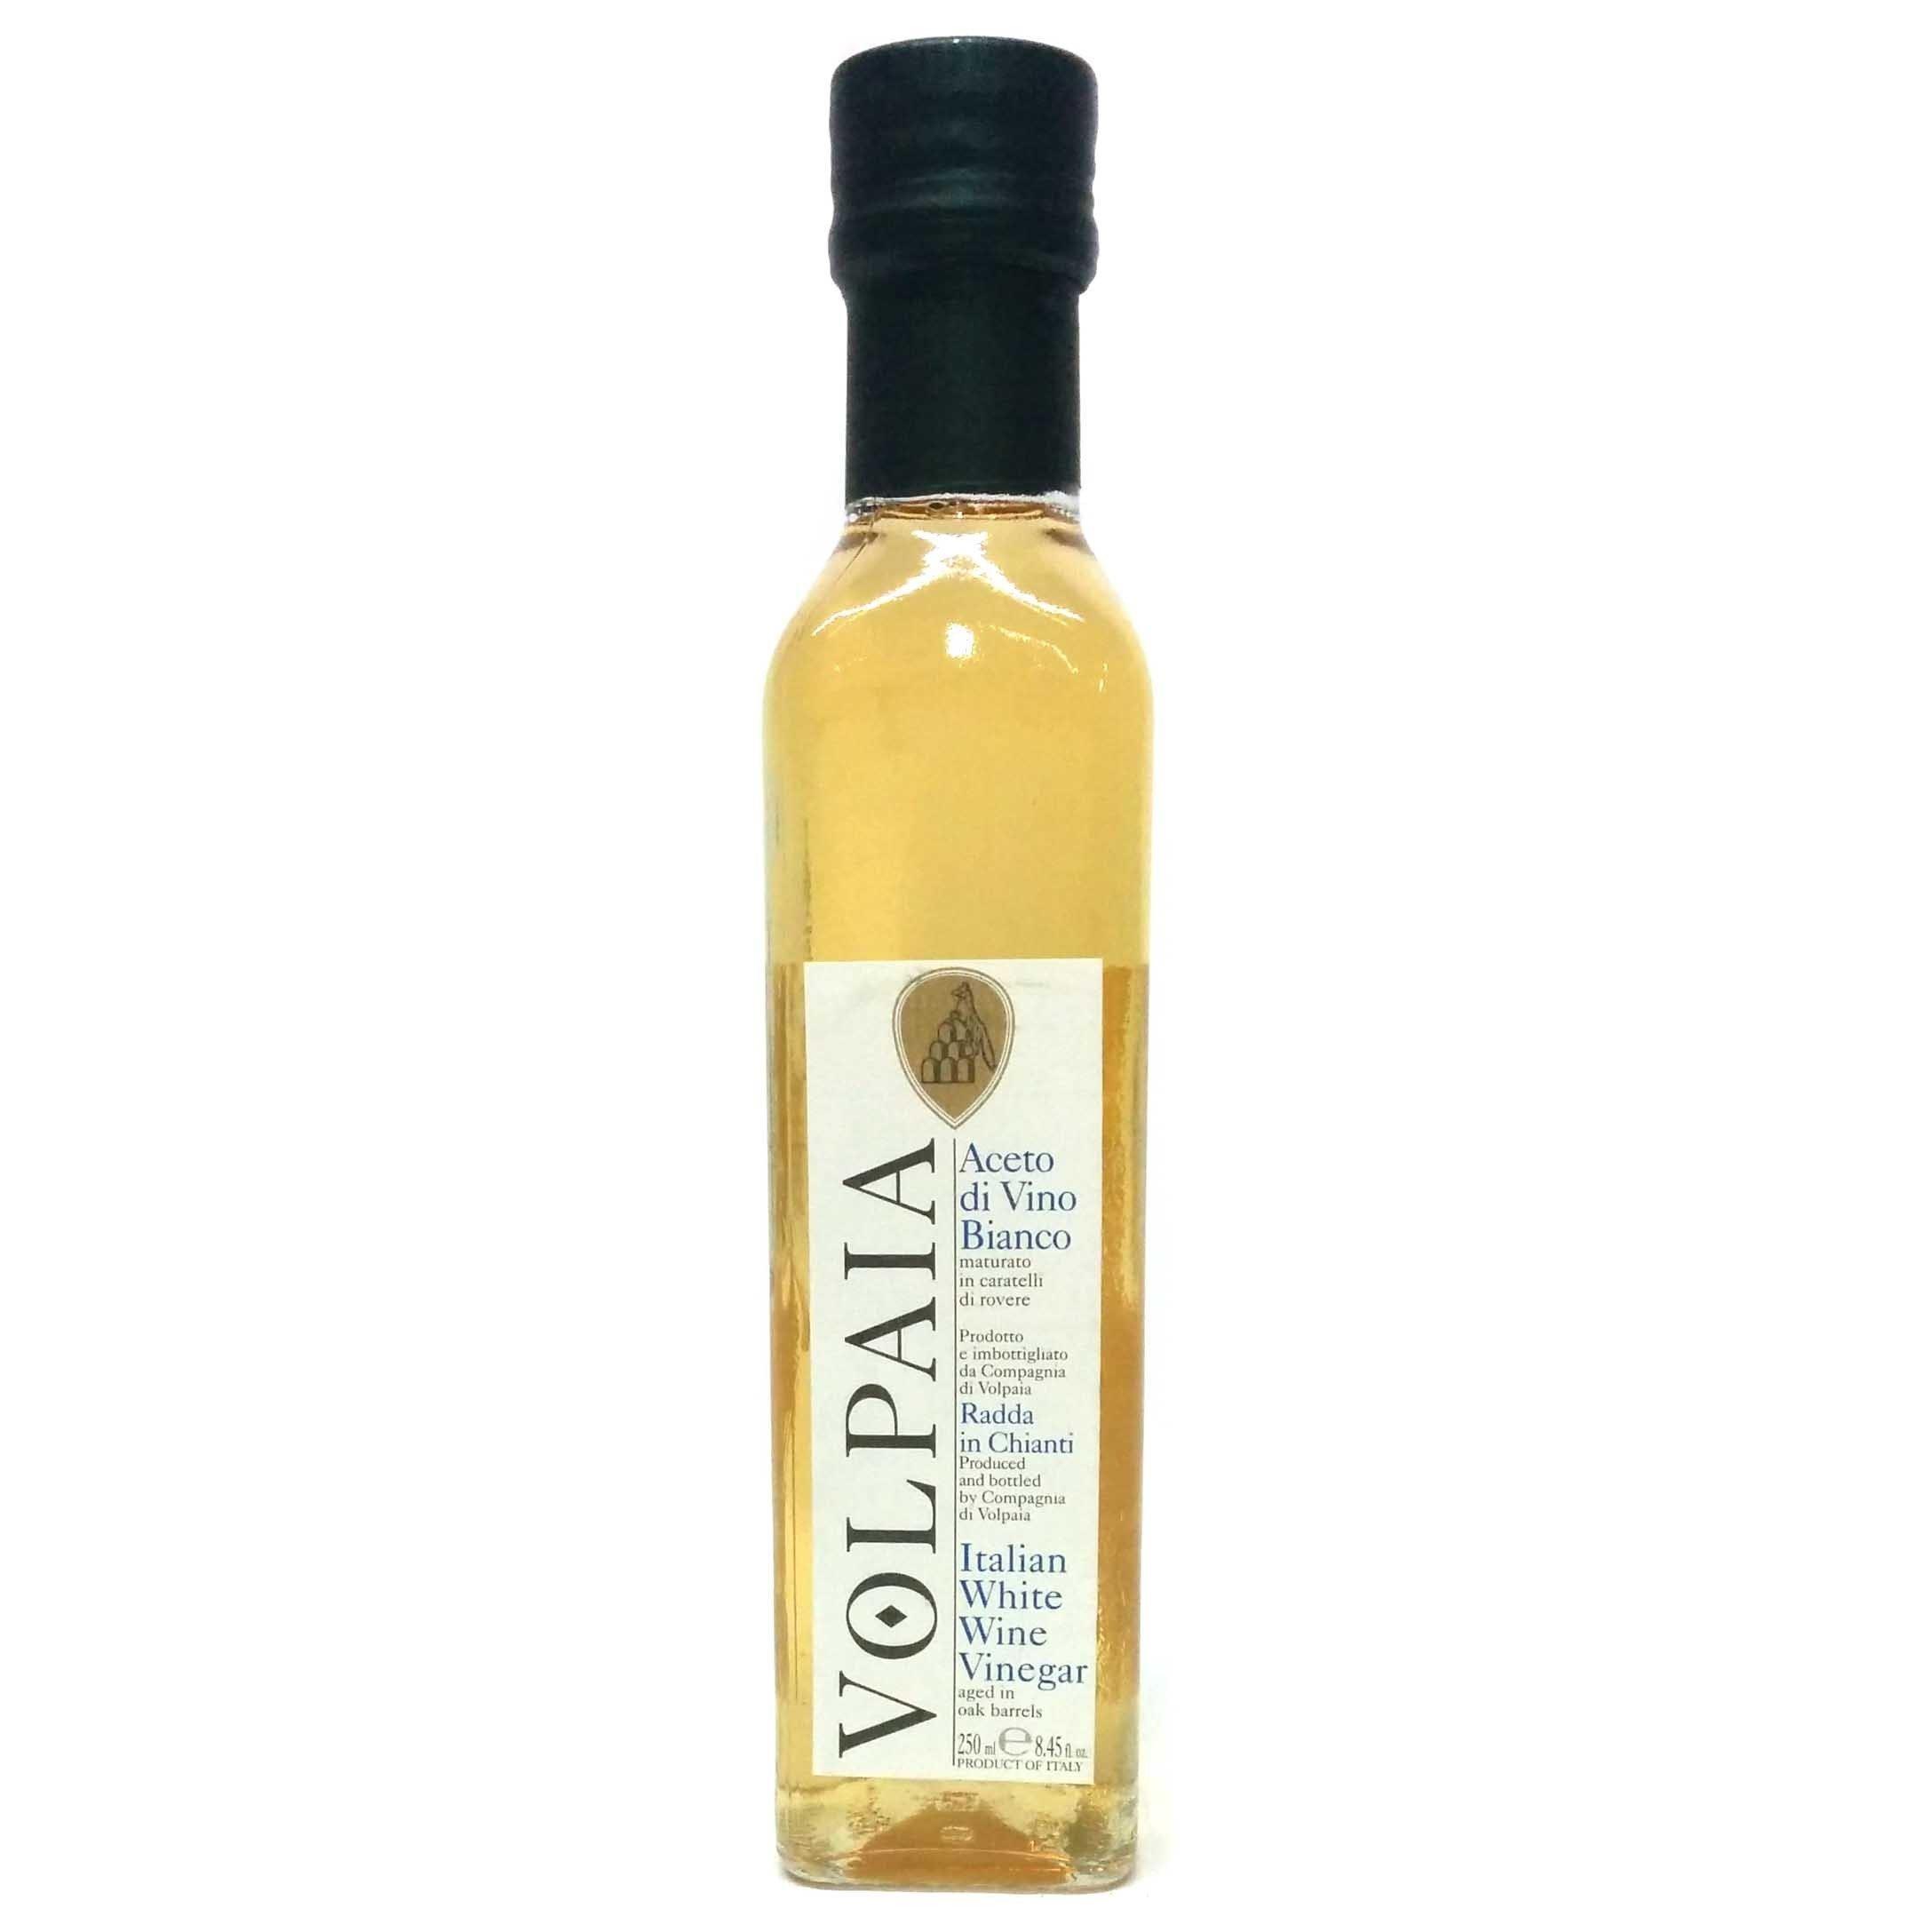 Castello di Volpaia White Wine Vinegar - 250ml